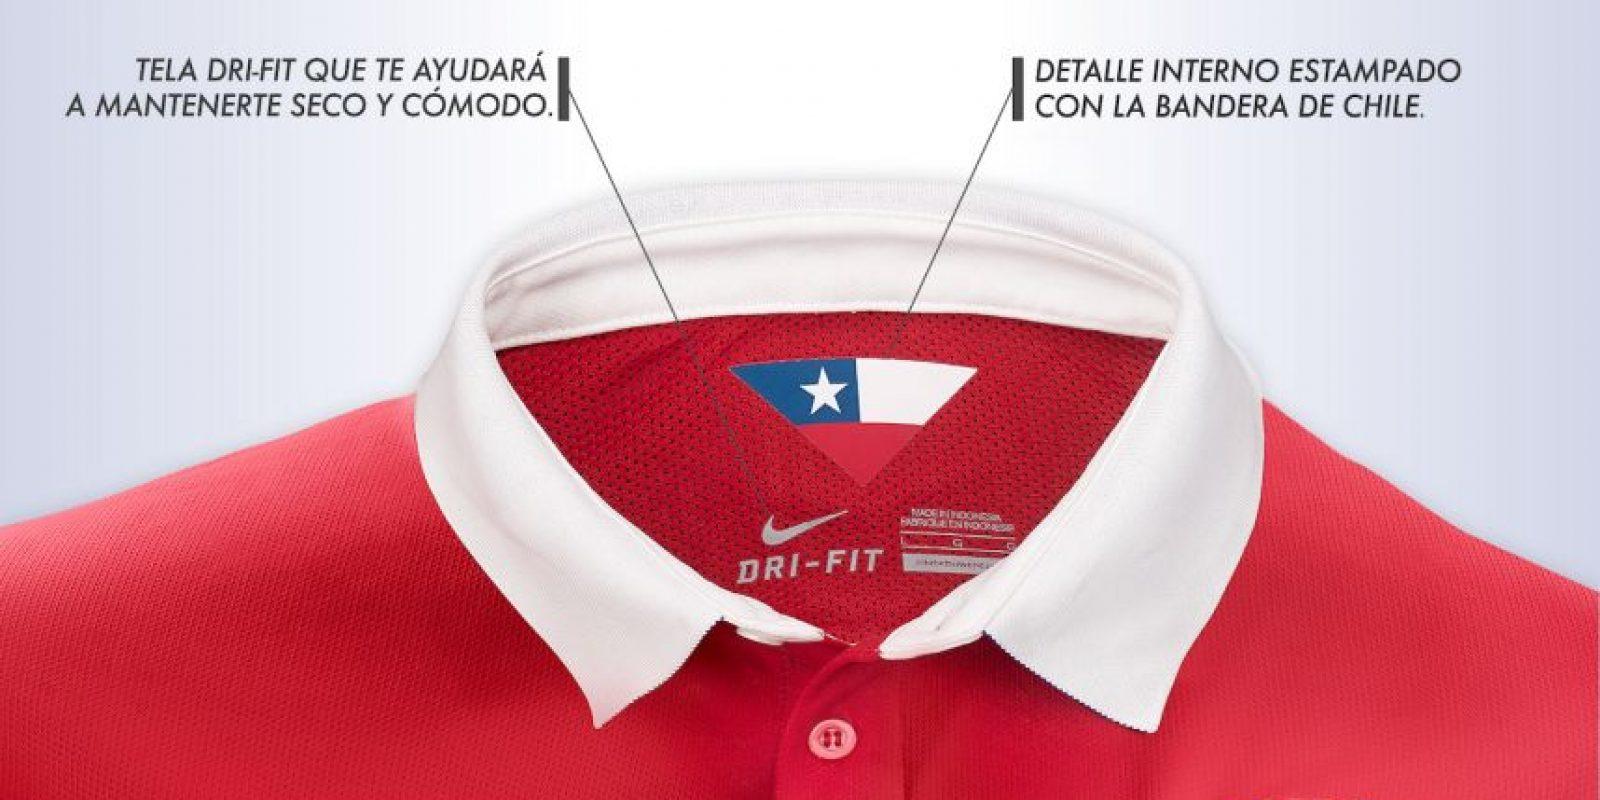 """La nueva vestimenta de la """"Roja"""" salió a la venta con un precio de 59 mil 999 pesos chilenos, unos 84.6 dólares. Foto:Nike"""